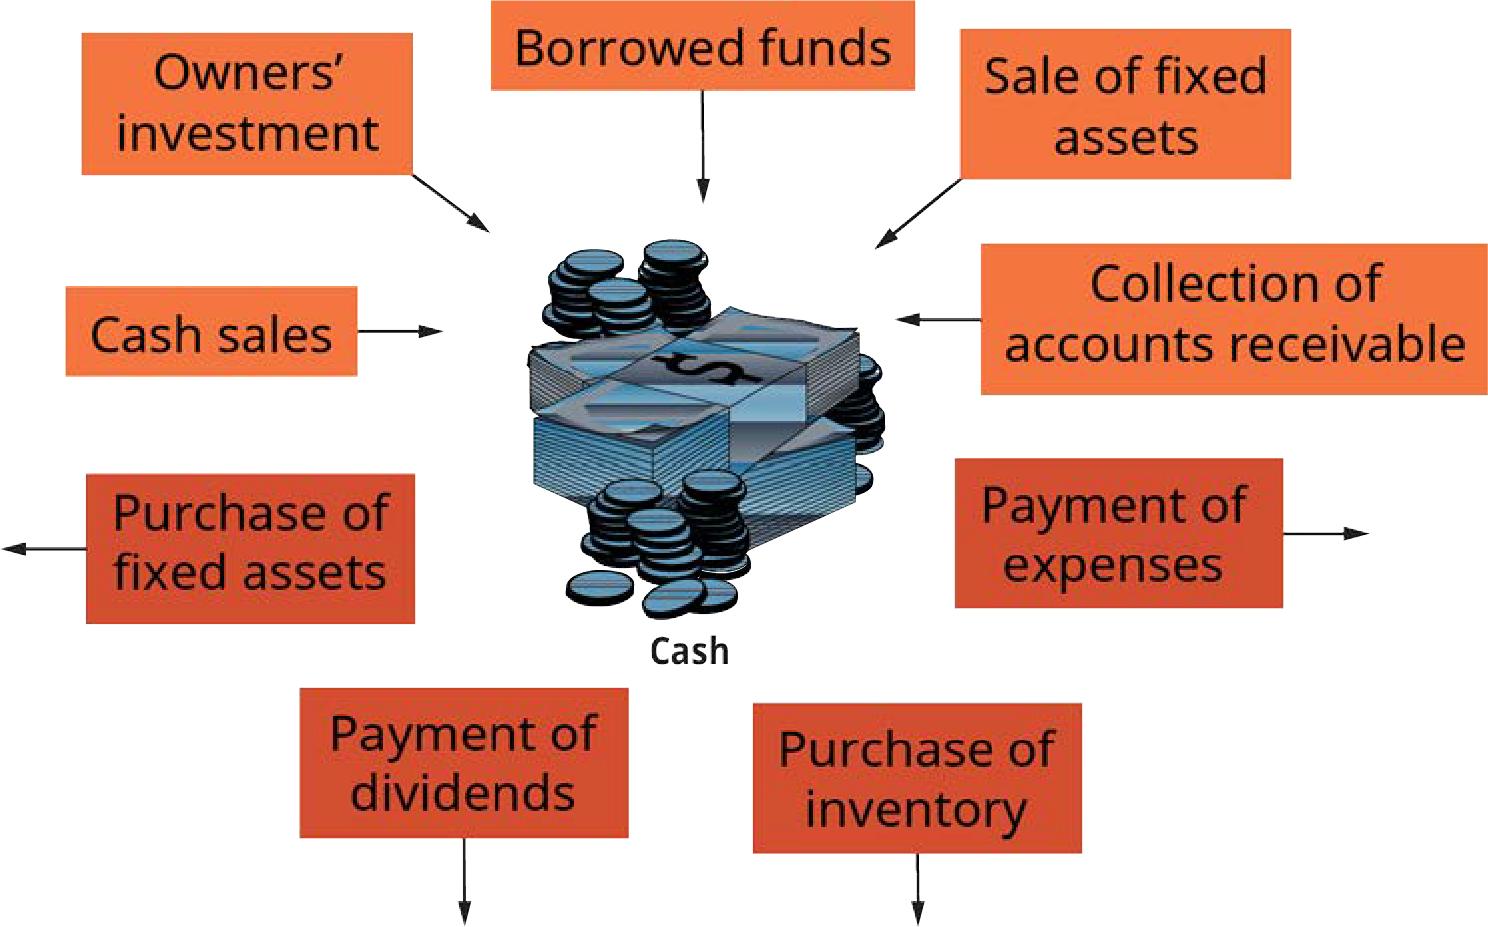 Exemplu 8.1 Cum fluxurile de numerar printr-o afacere (Atribuire: Copyright Rice University, OpenStax, sub licența CC BY 4.0.)